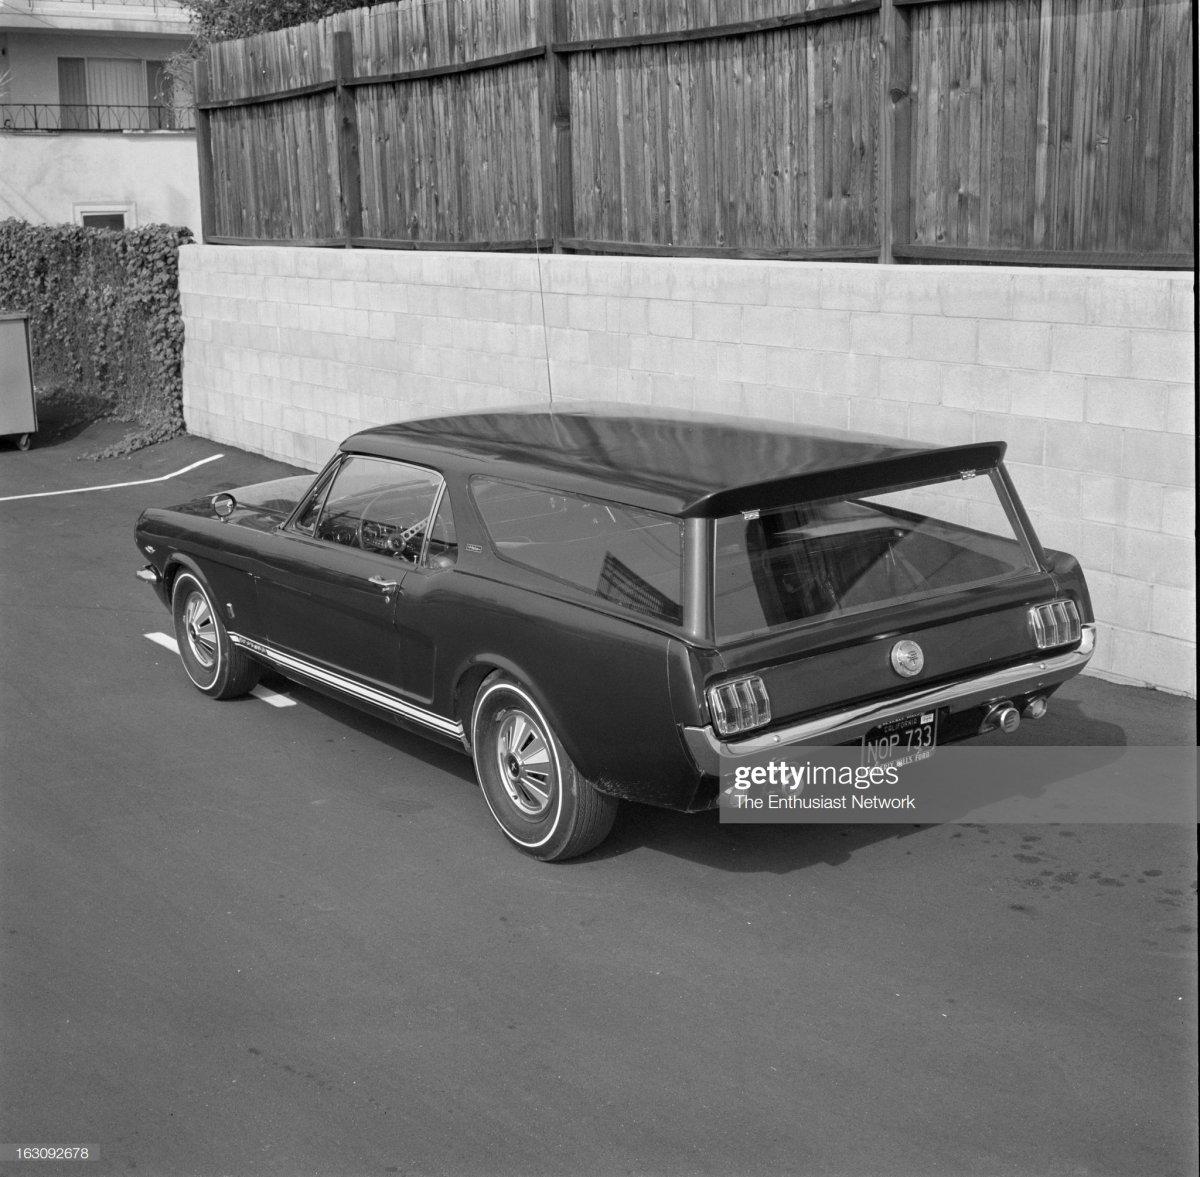 13  1965 Ford Mustang Hobo Wagon.jpg